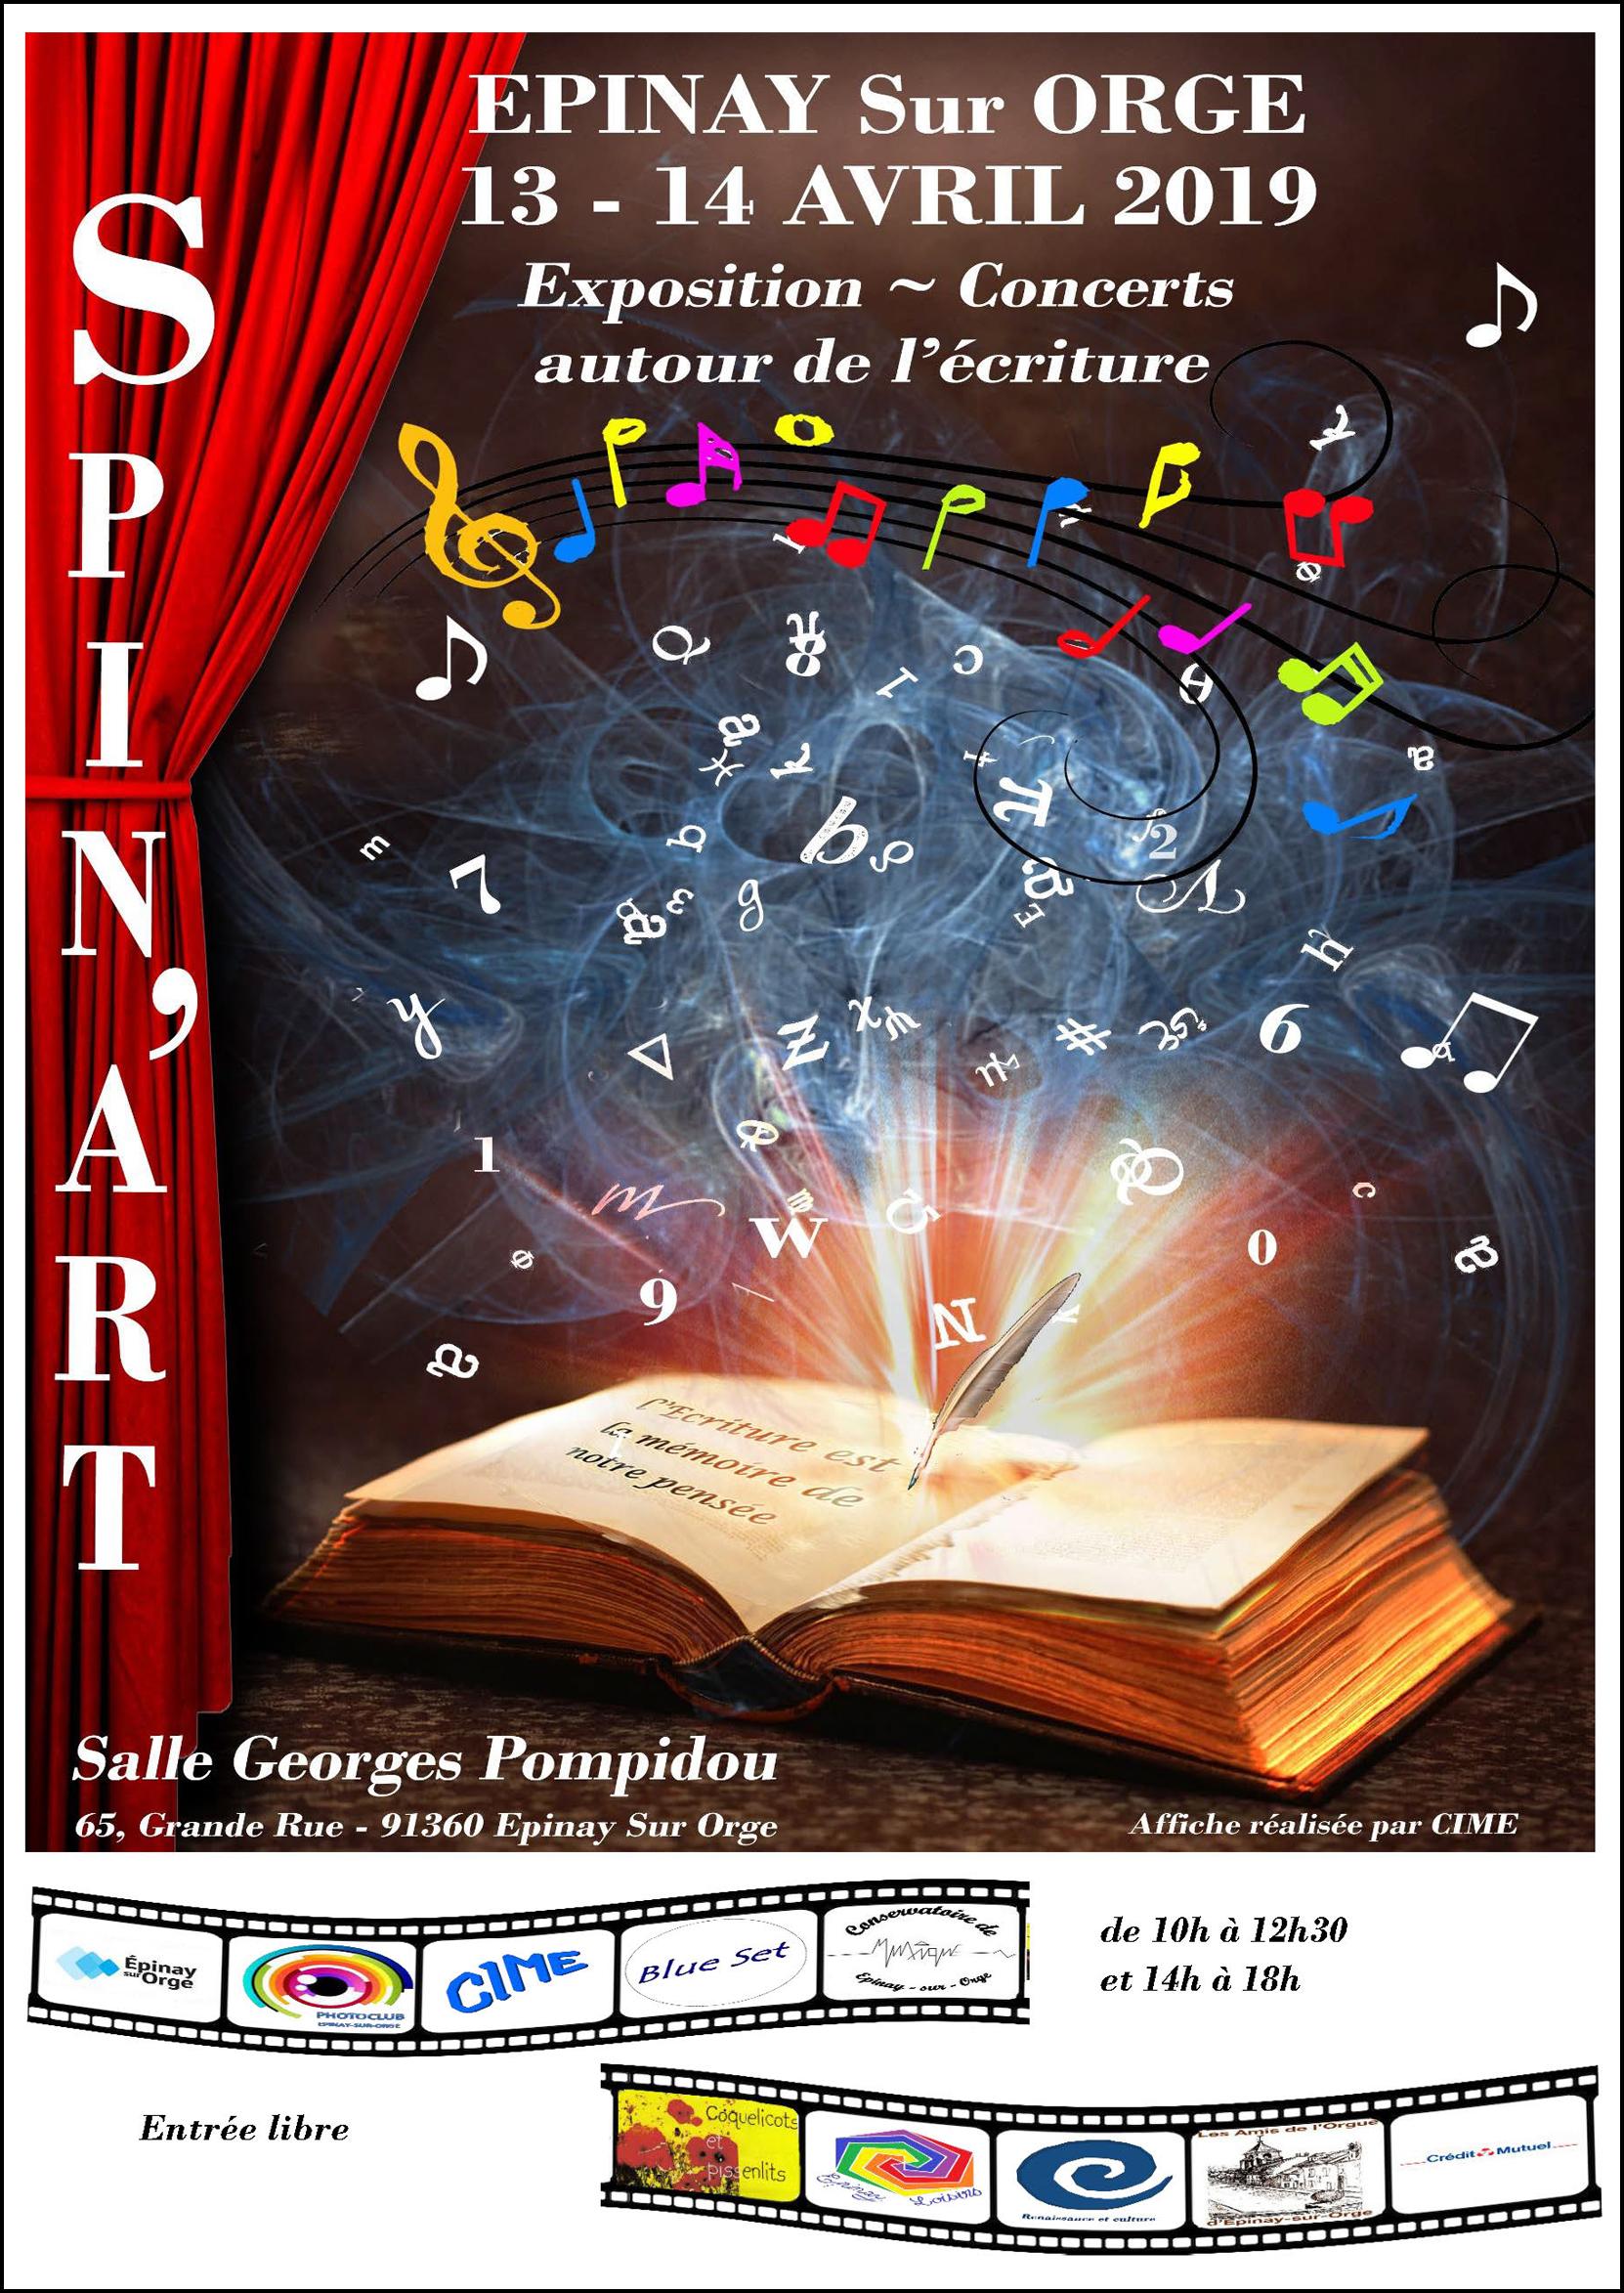 Photoclub d'Epinay sur Orge organise avec d'autres associations culturelles, un salon des Arts autour du thème commun «l'Ecriture».